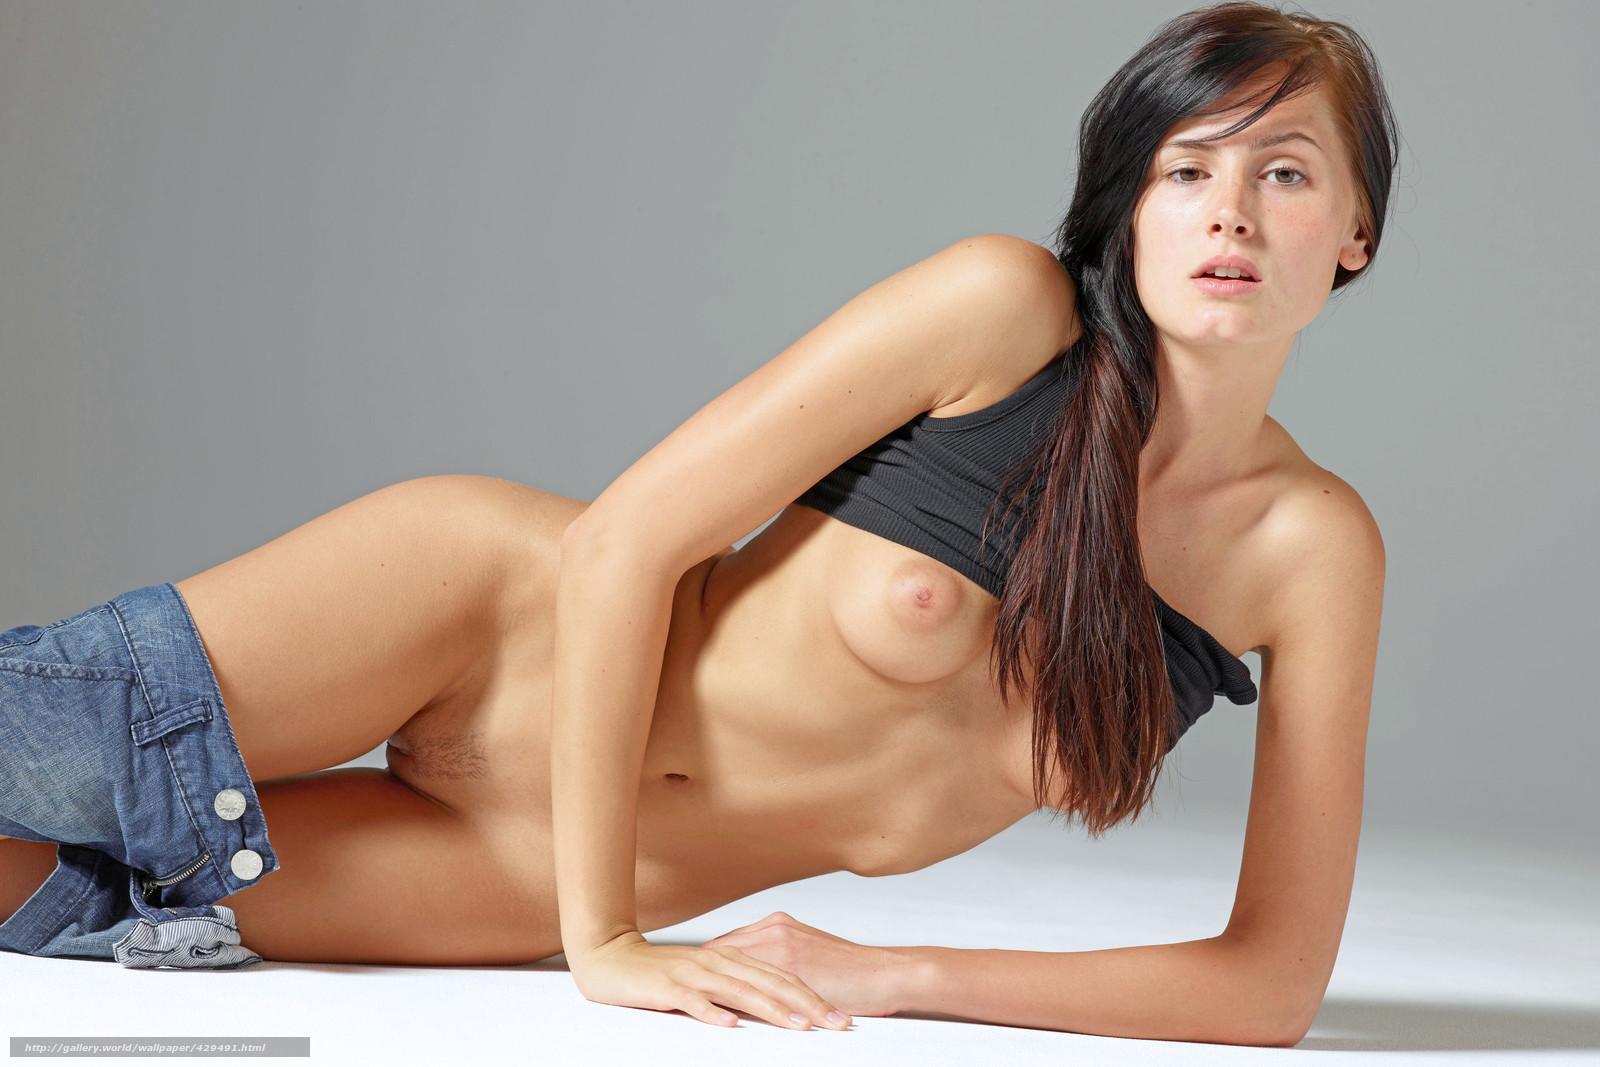 Сексуальние фото смотреть онлайн 13 фотография